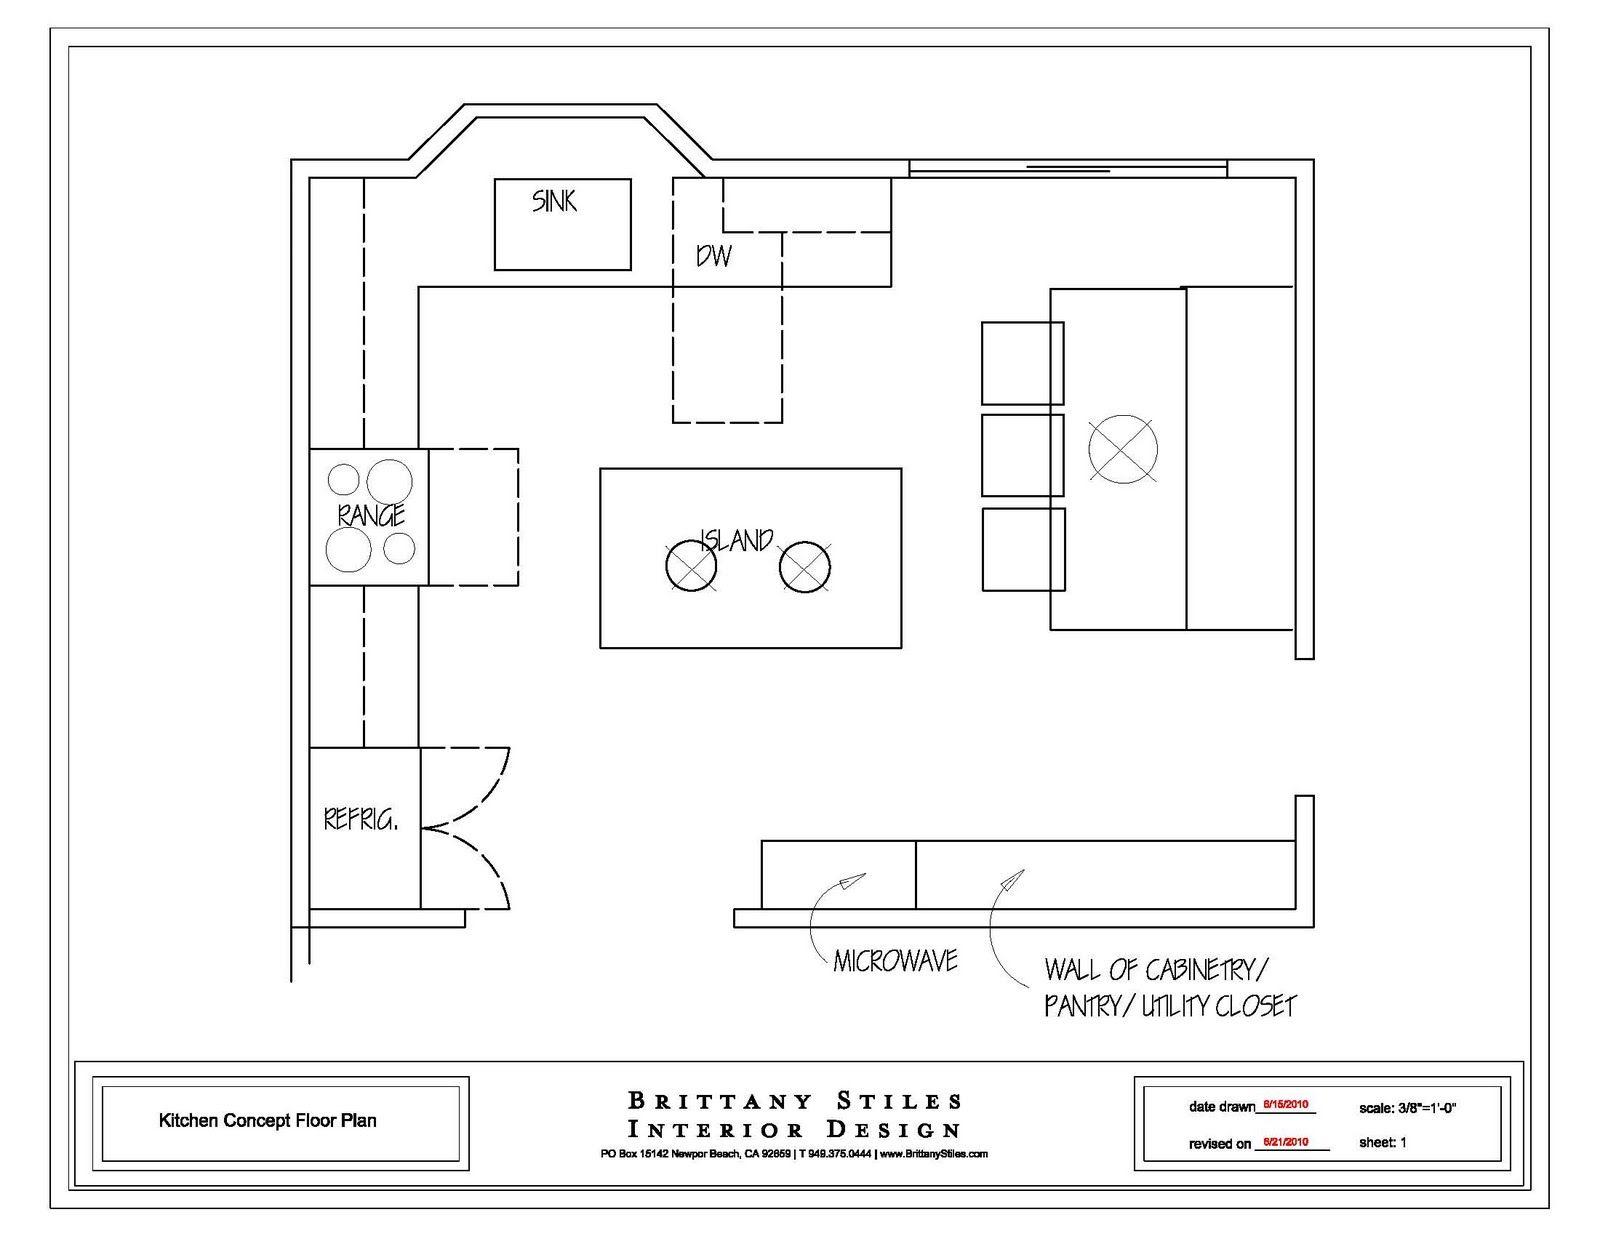 9'9 kitchen remodel floor plan   Kitchen Layout Plans   Kitchen ...